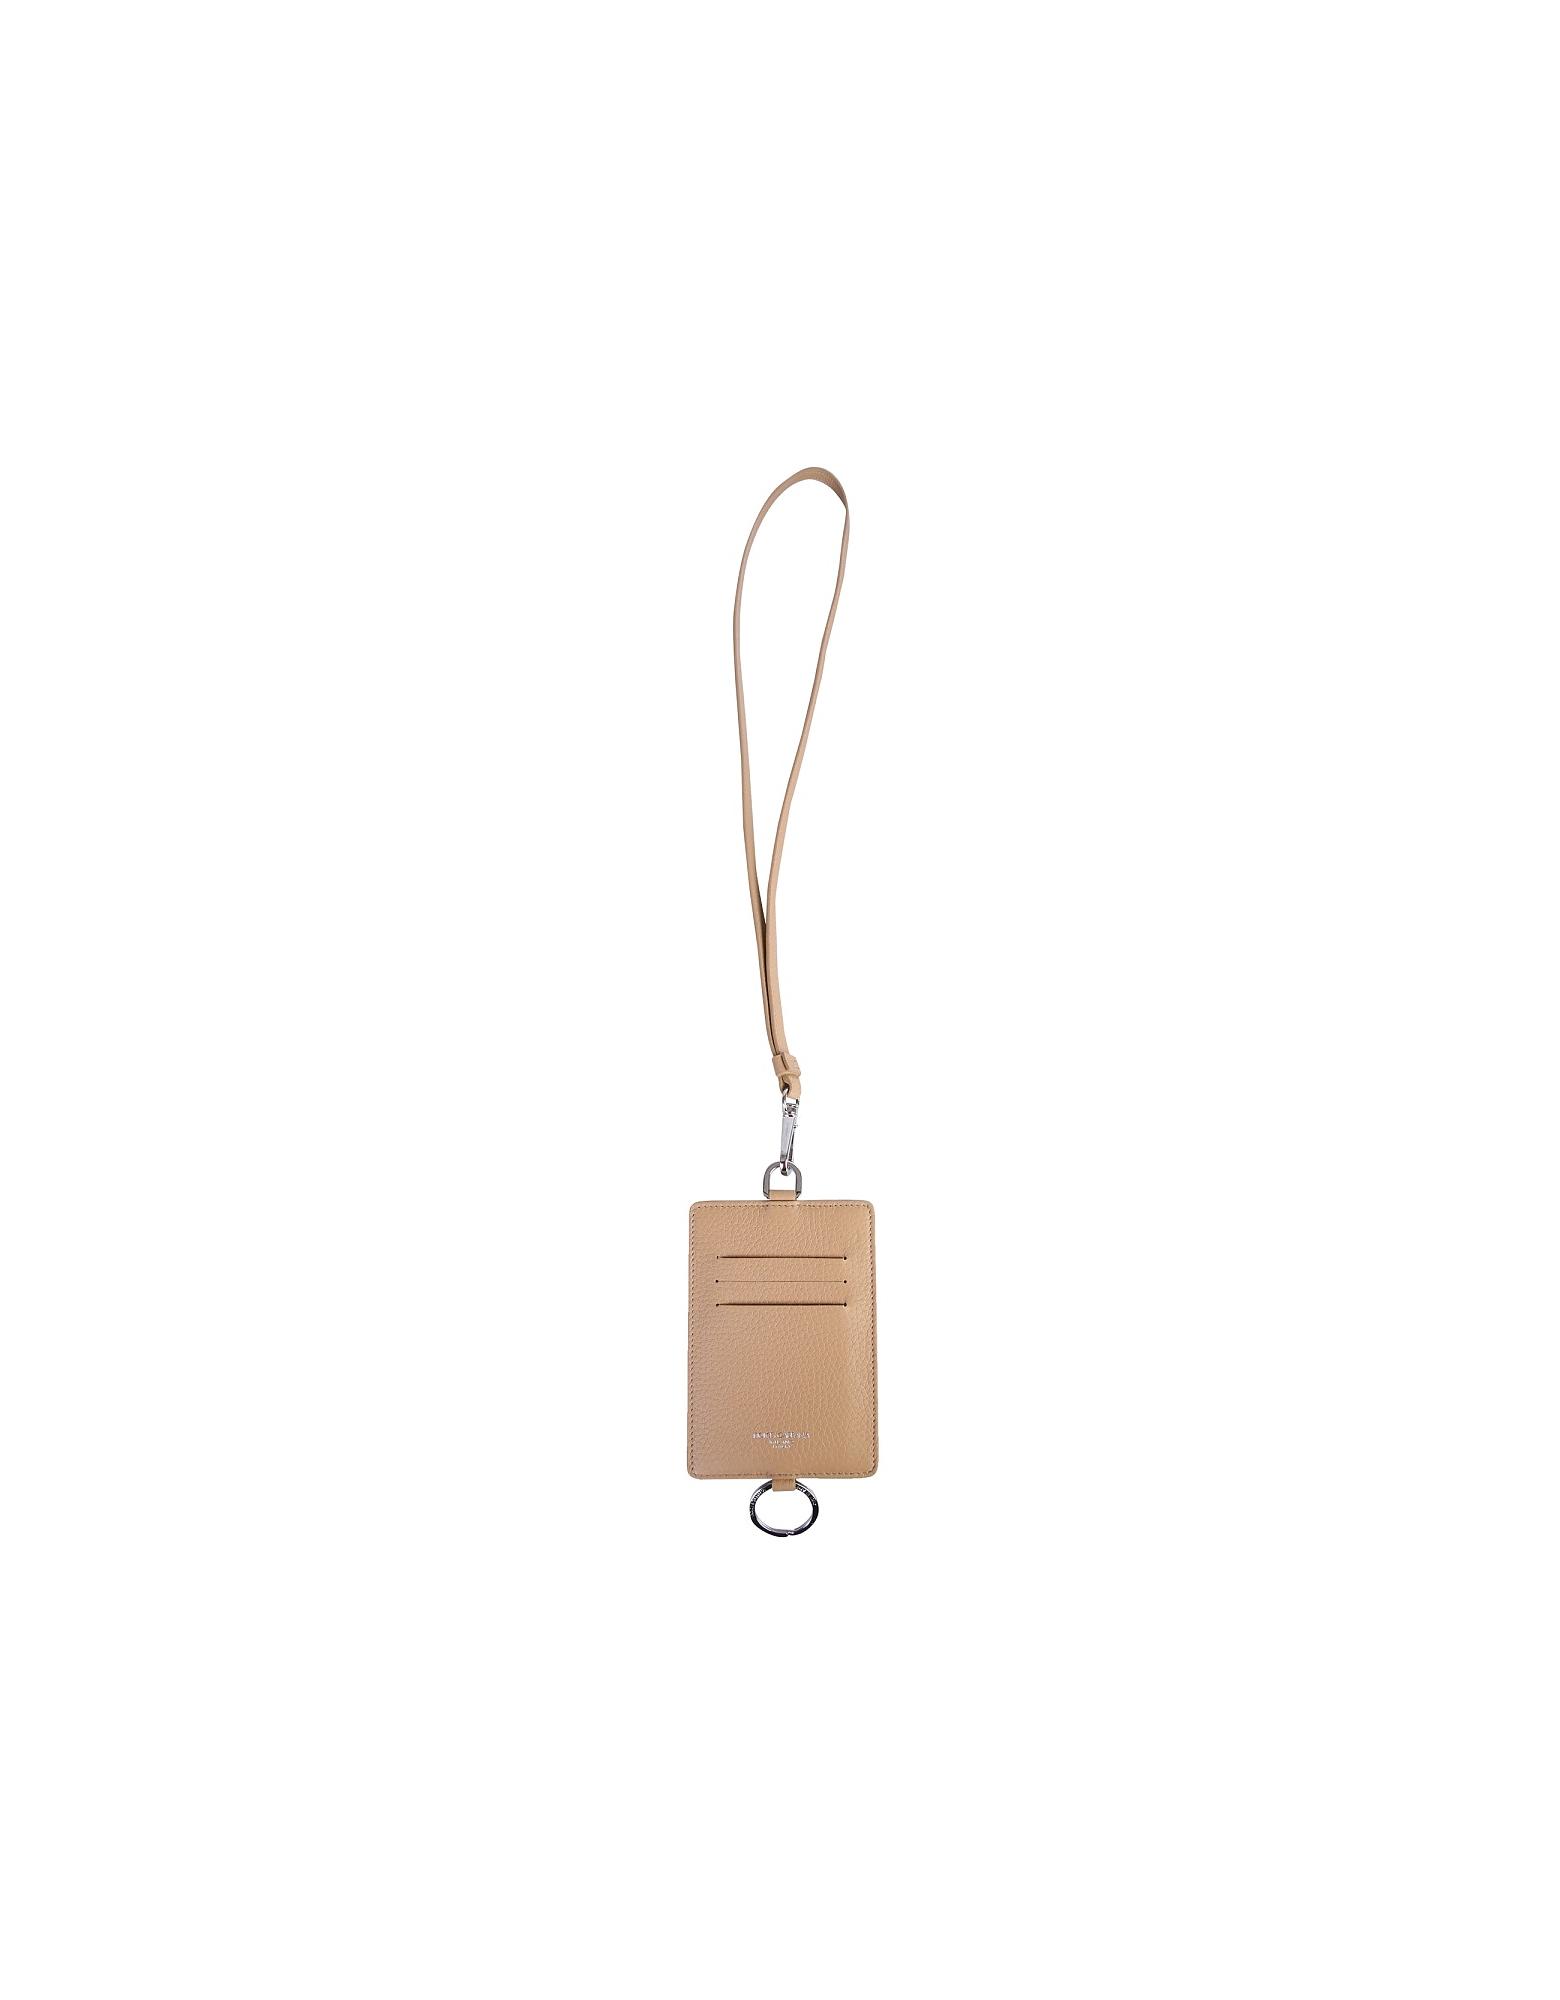 Dolce & Gabbana Designer Men's Bags, Logo Card Holder With Shoulder Strap